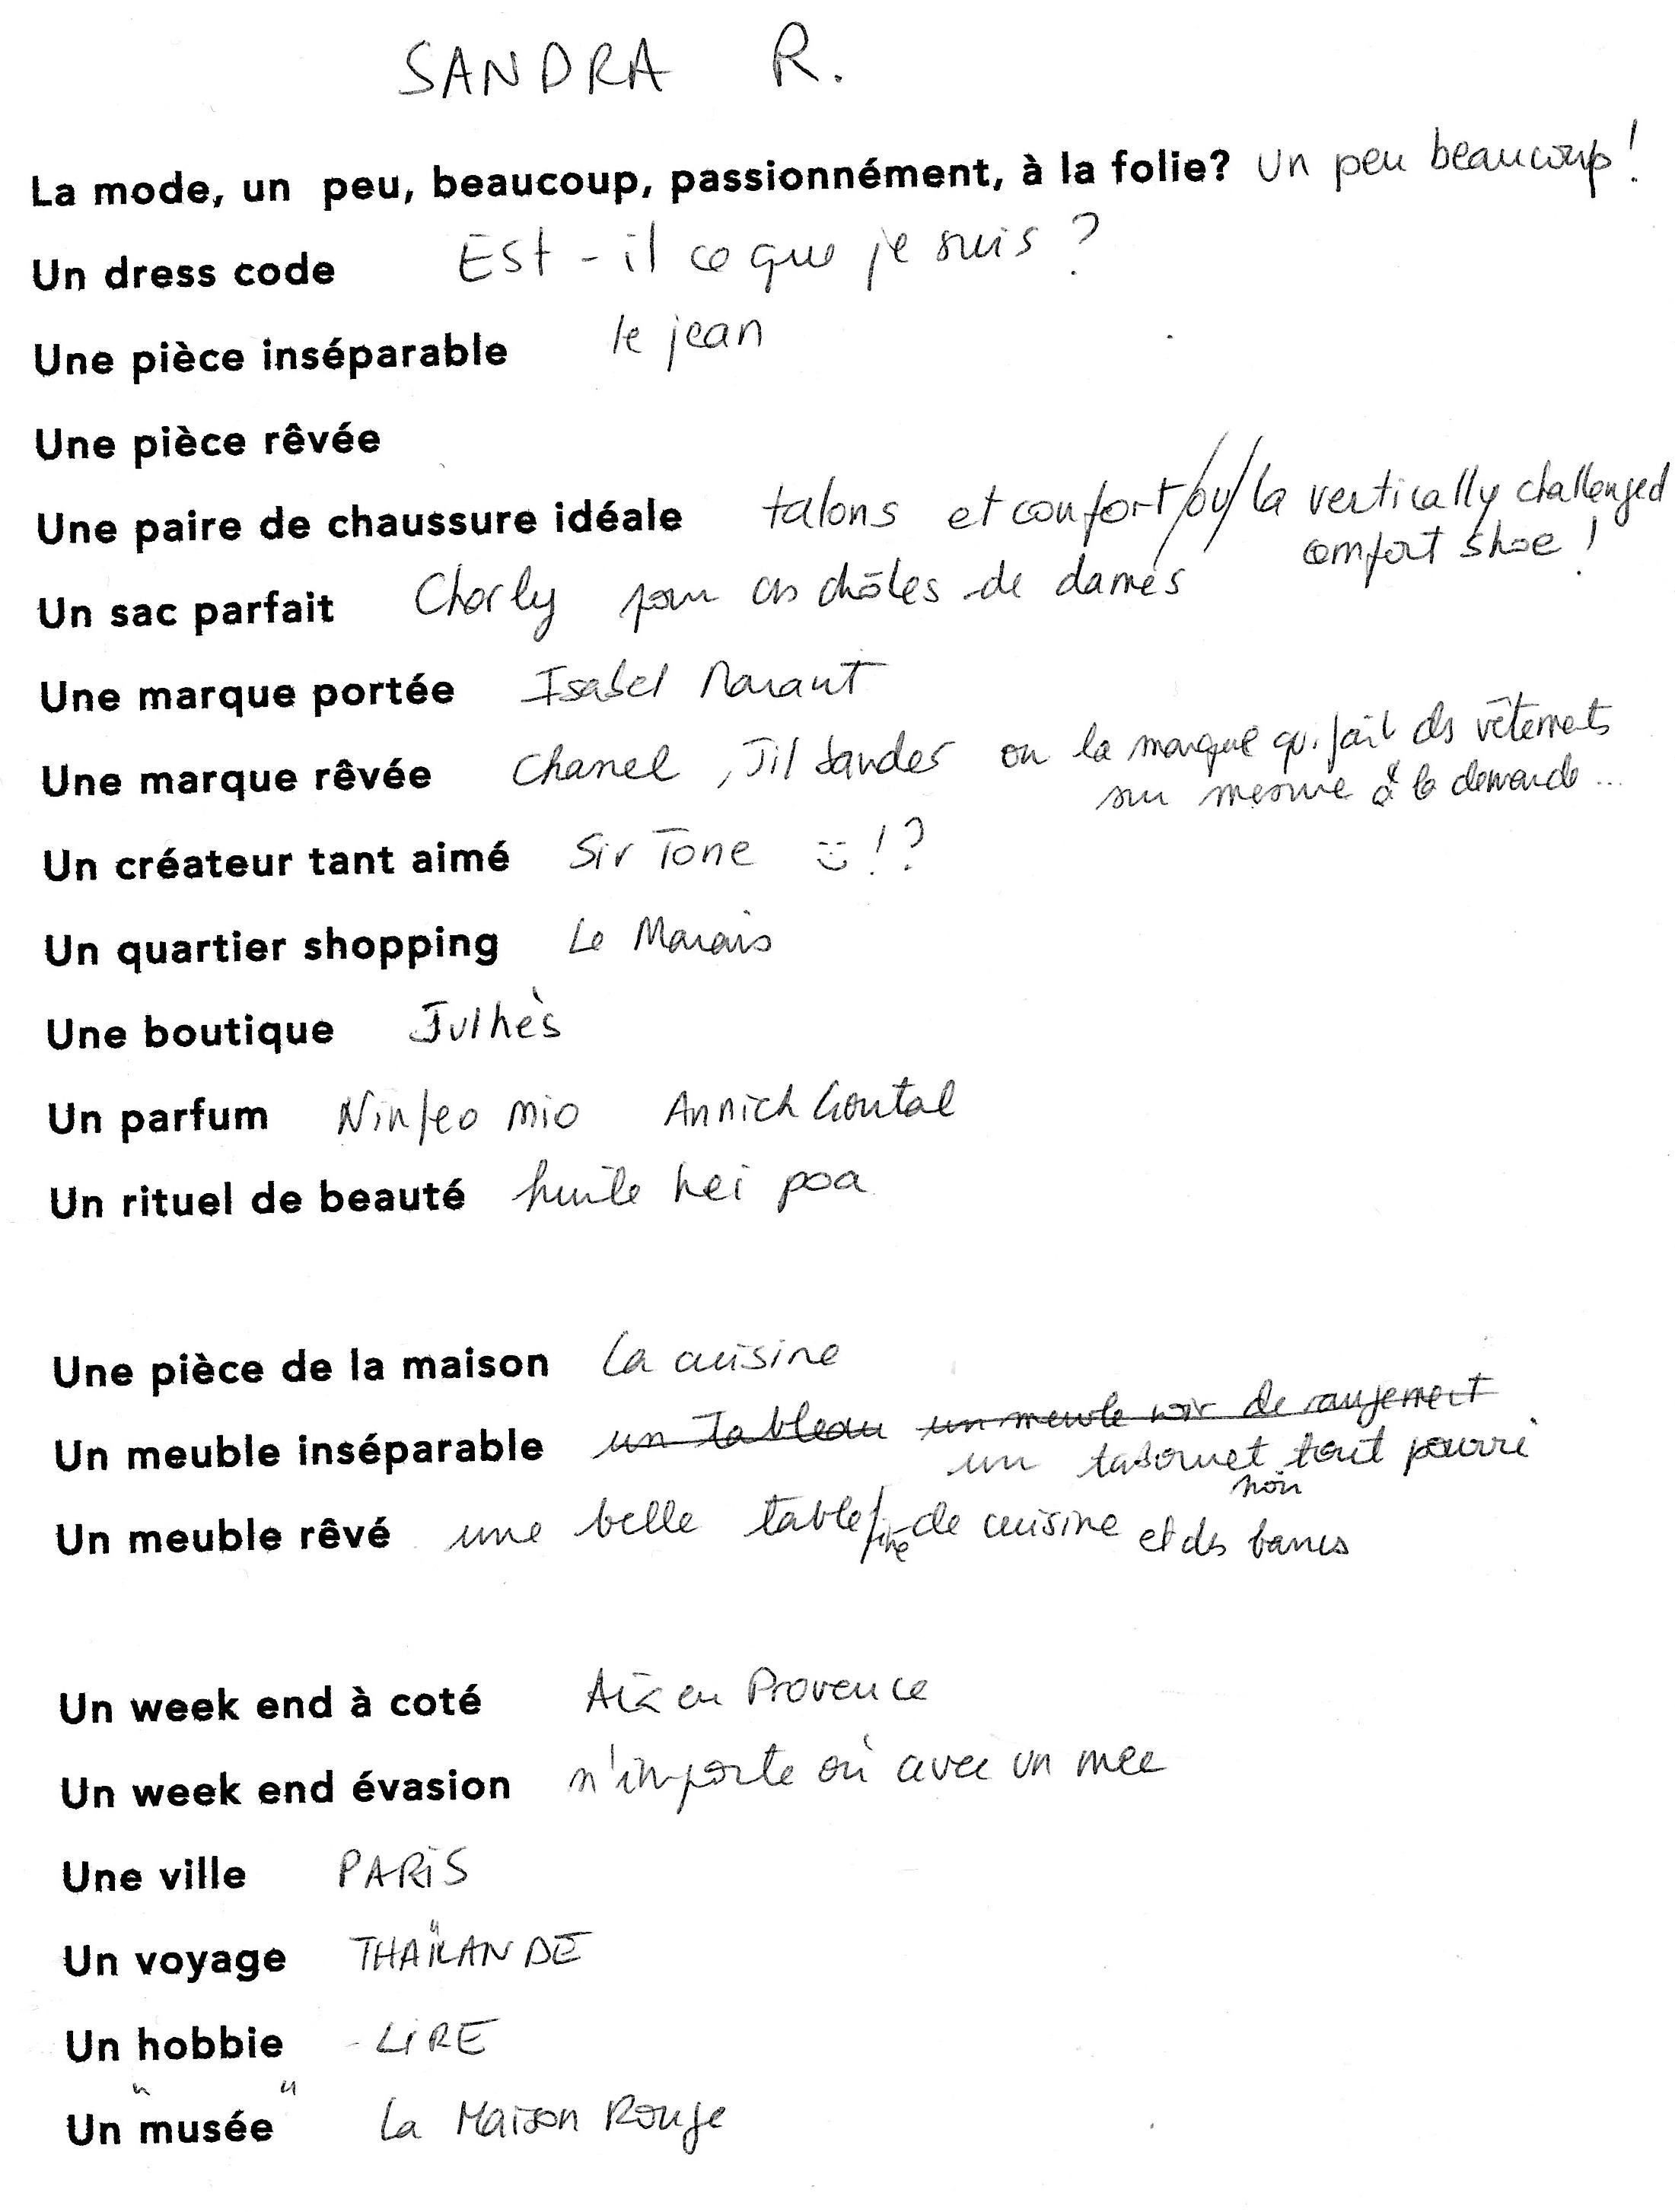 questionnaire Marion1